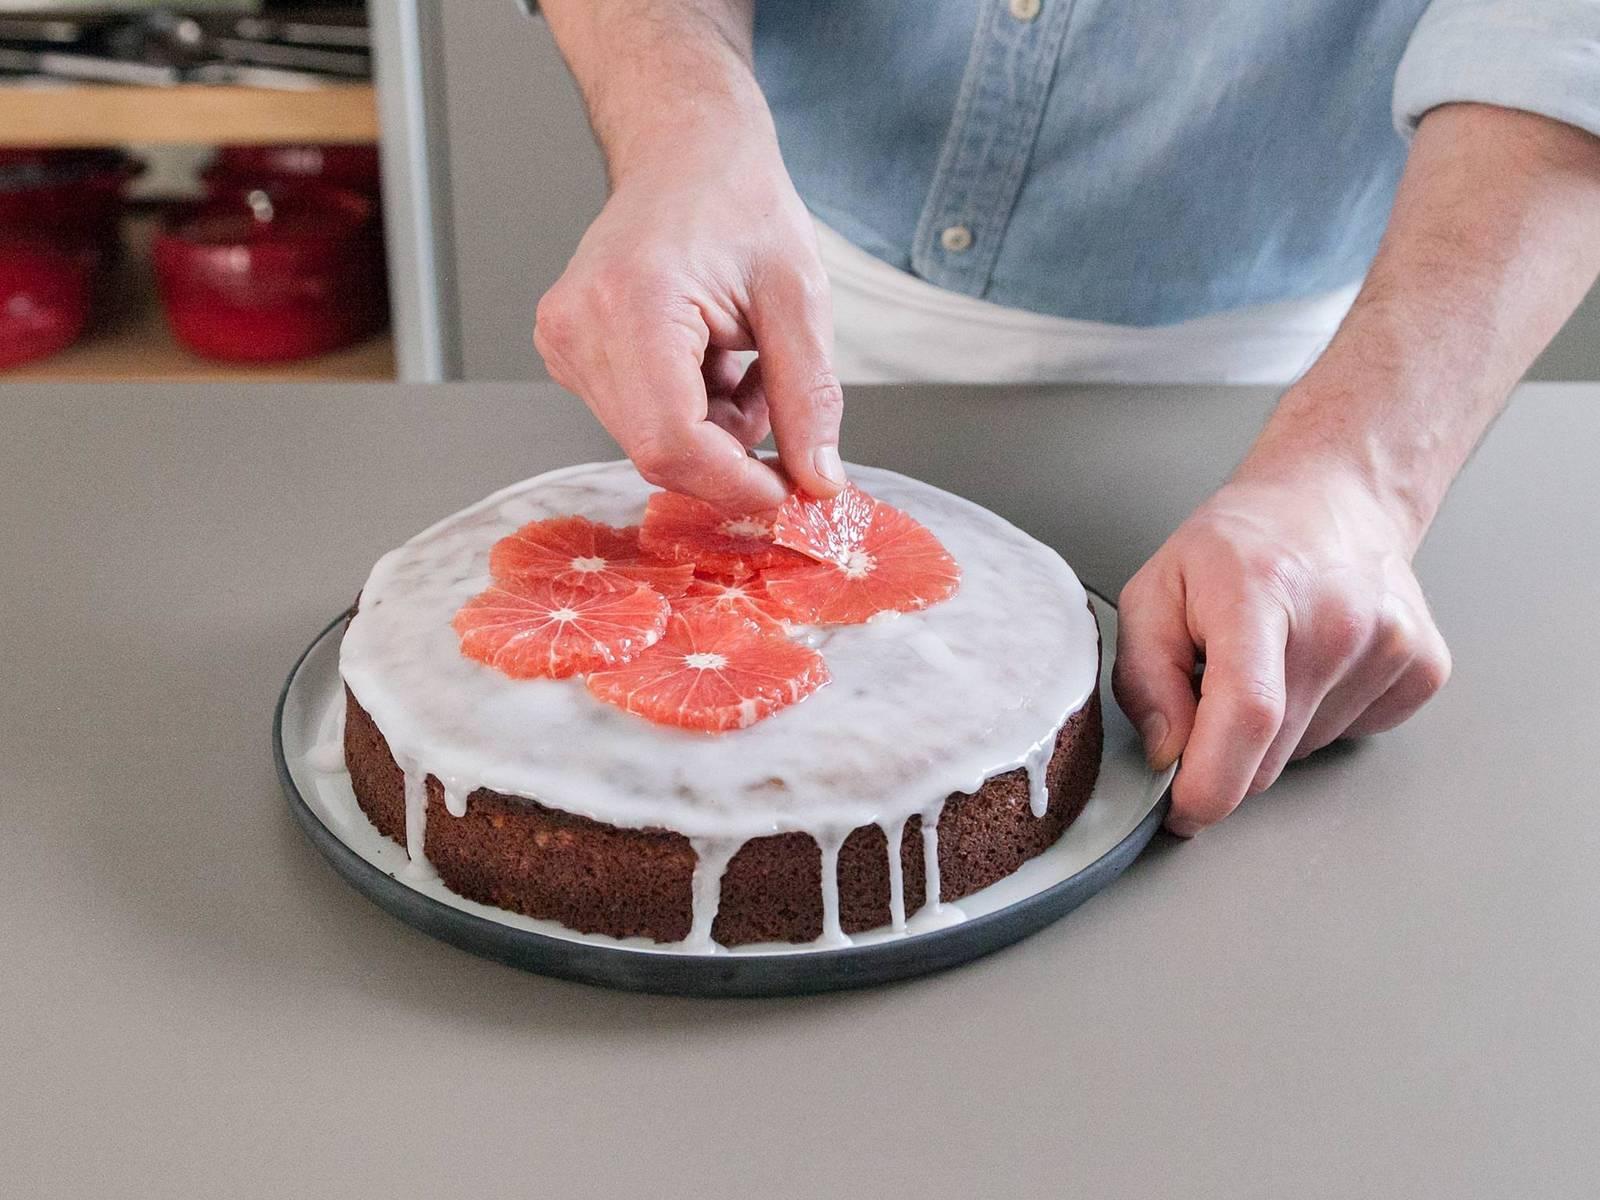 将剩余的西柚切半,然后切片。其中一半榨汁,用果汁混合糖粉,淋到蛋糕上,饰以西柚片。尽情享用吧!